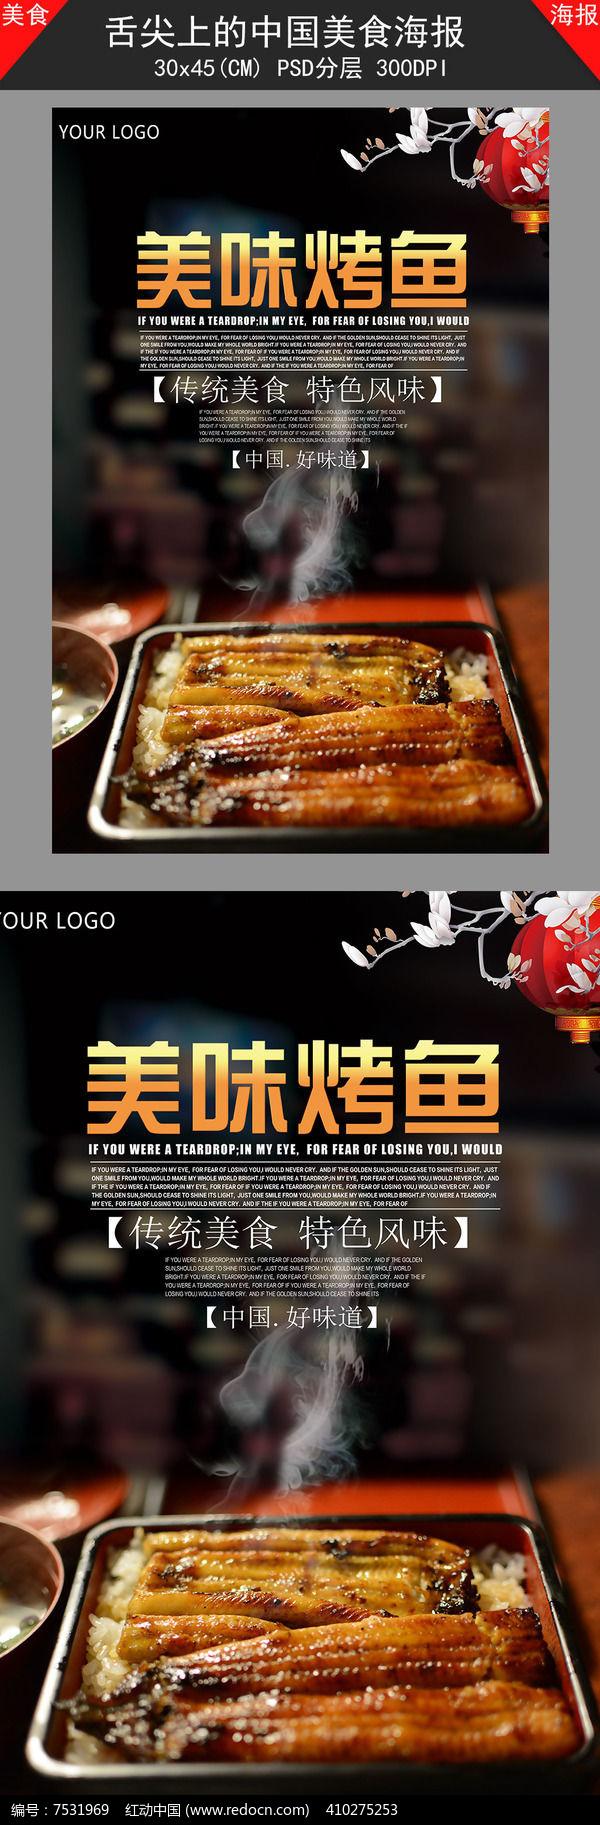 美味烤鱼海报图片